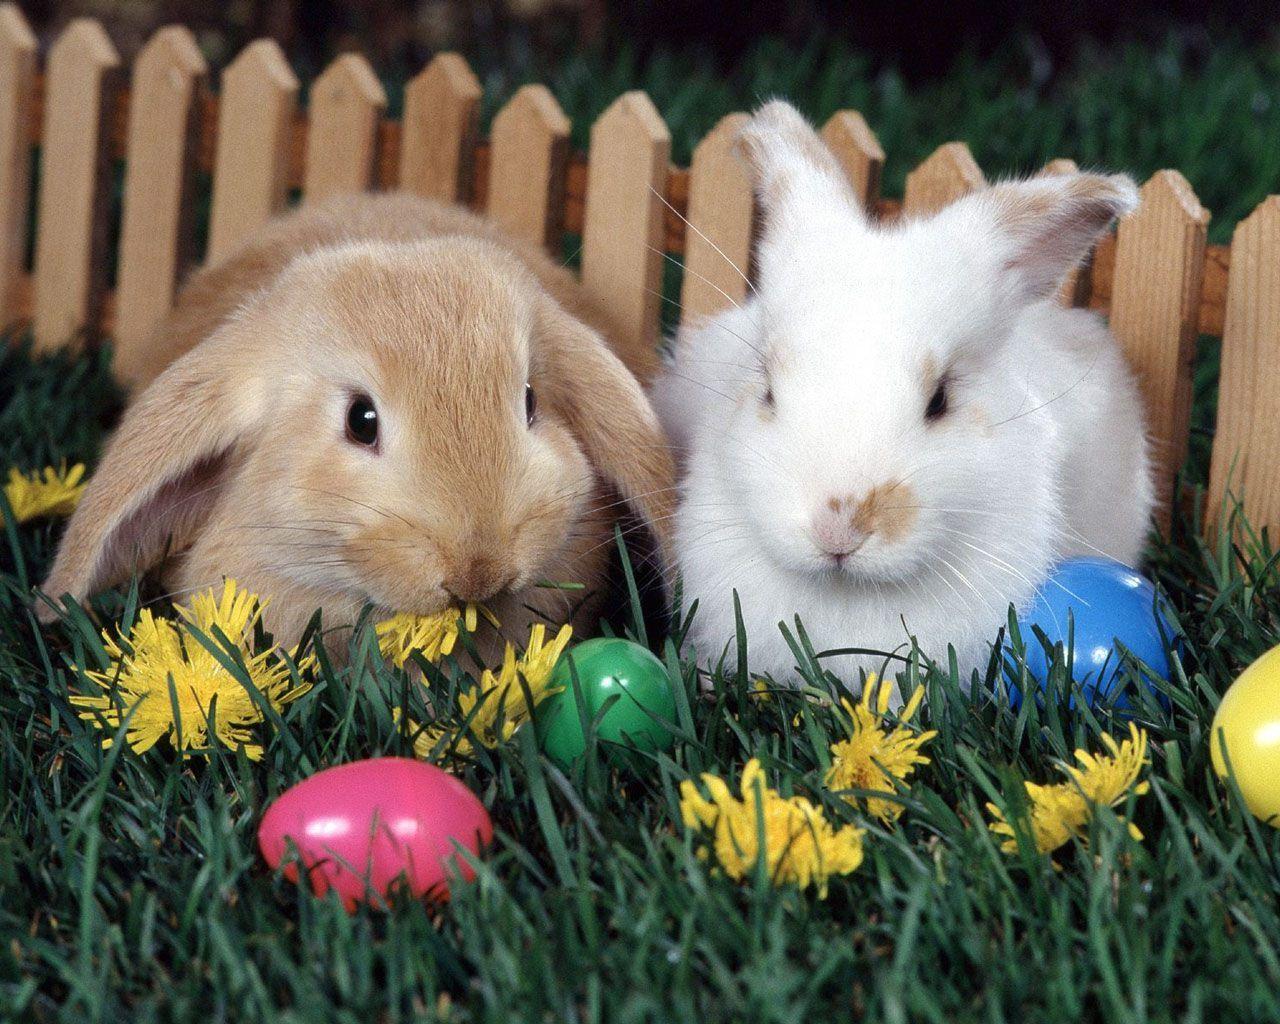 Fotografia de coelhos para ilustração do item